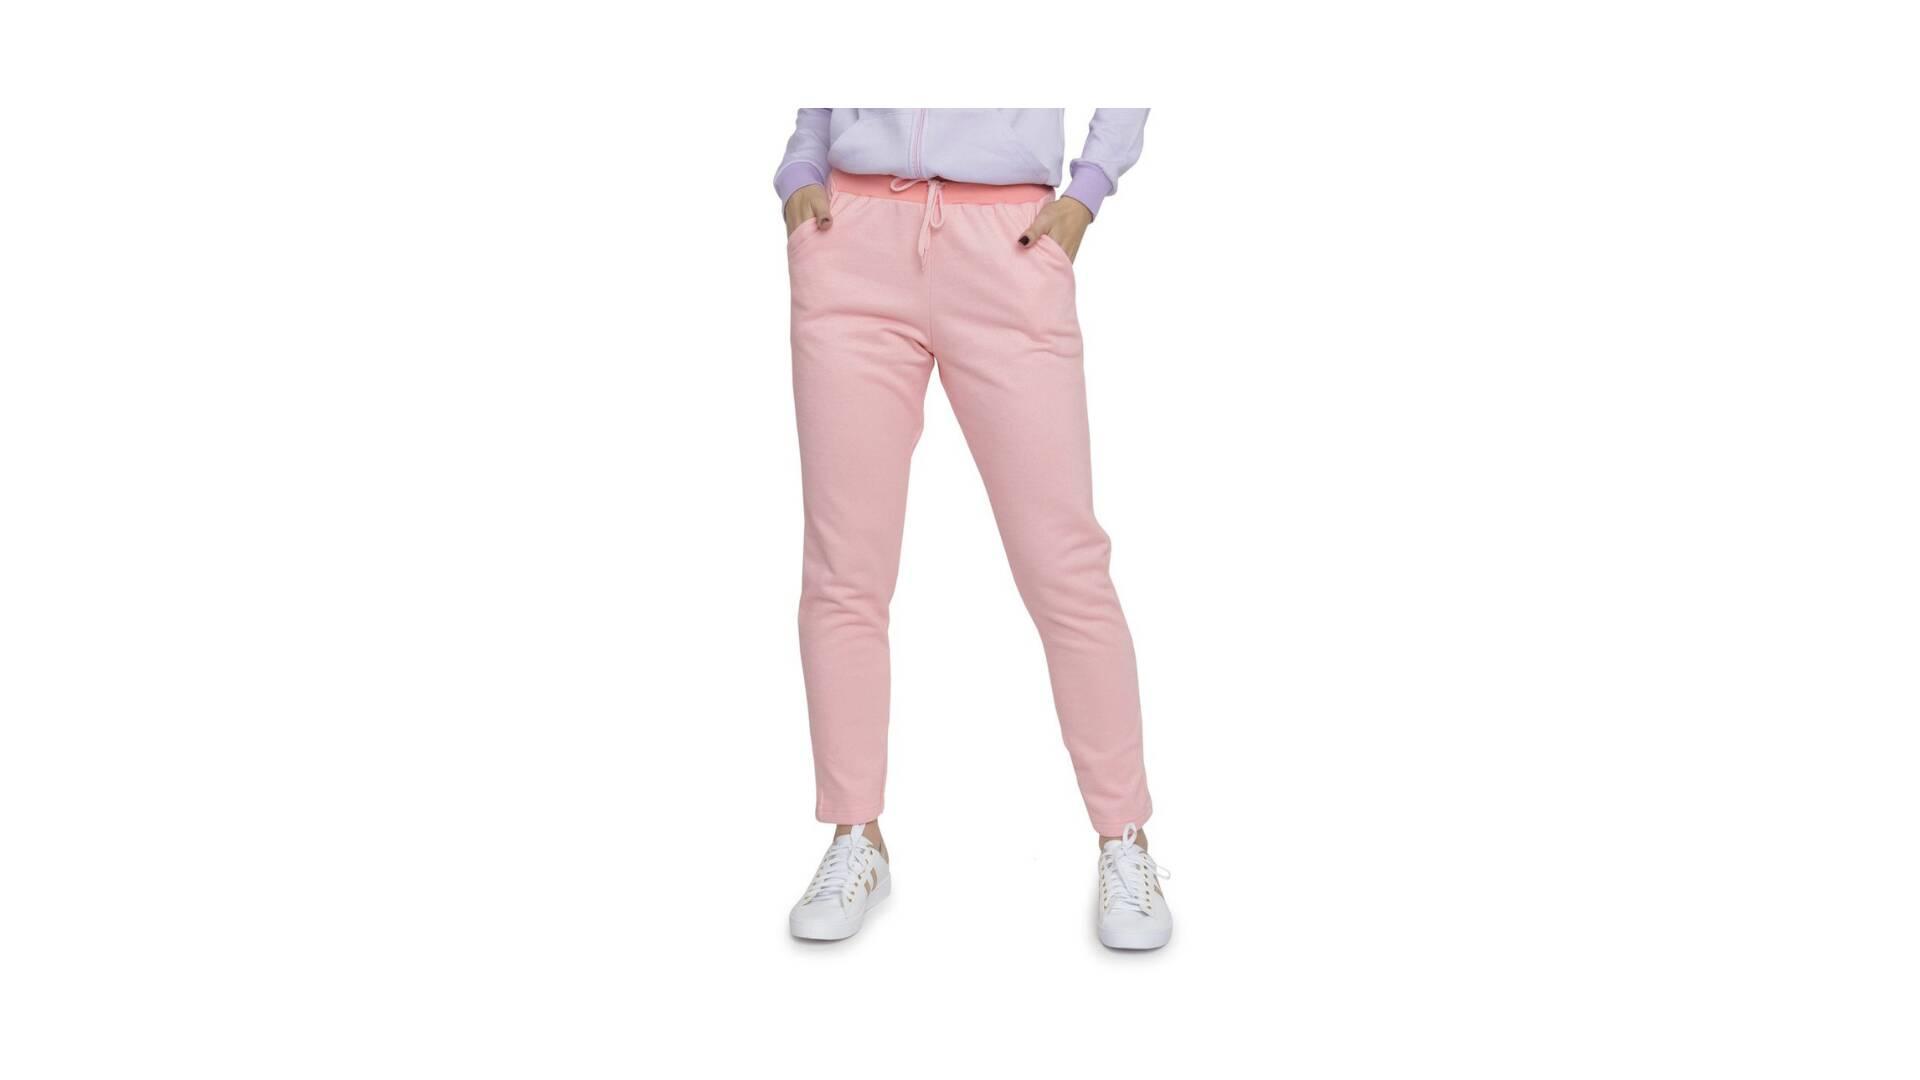 Calça de moletom rosé, com tamanhos do P ao GG, R$ 49,99. Foto: Divulgação